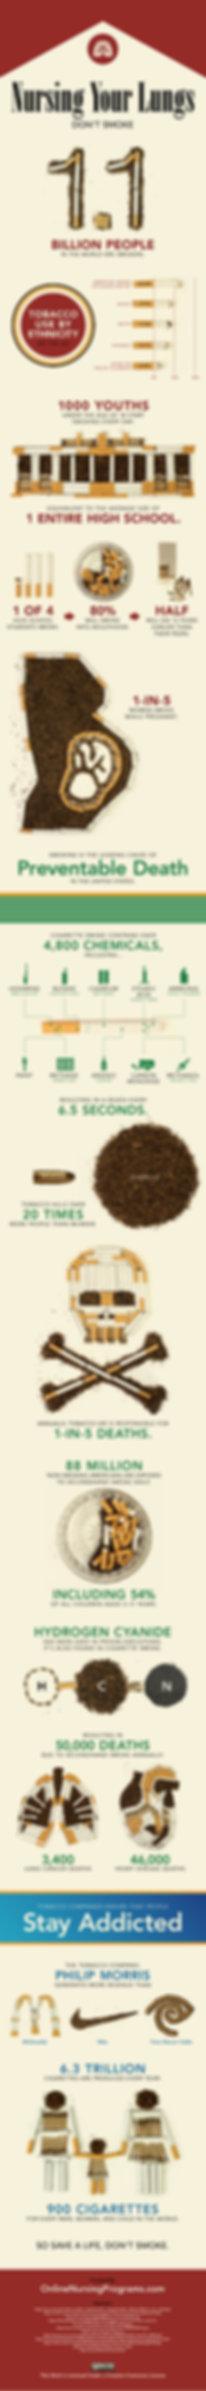 tobacco info graphic